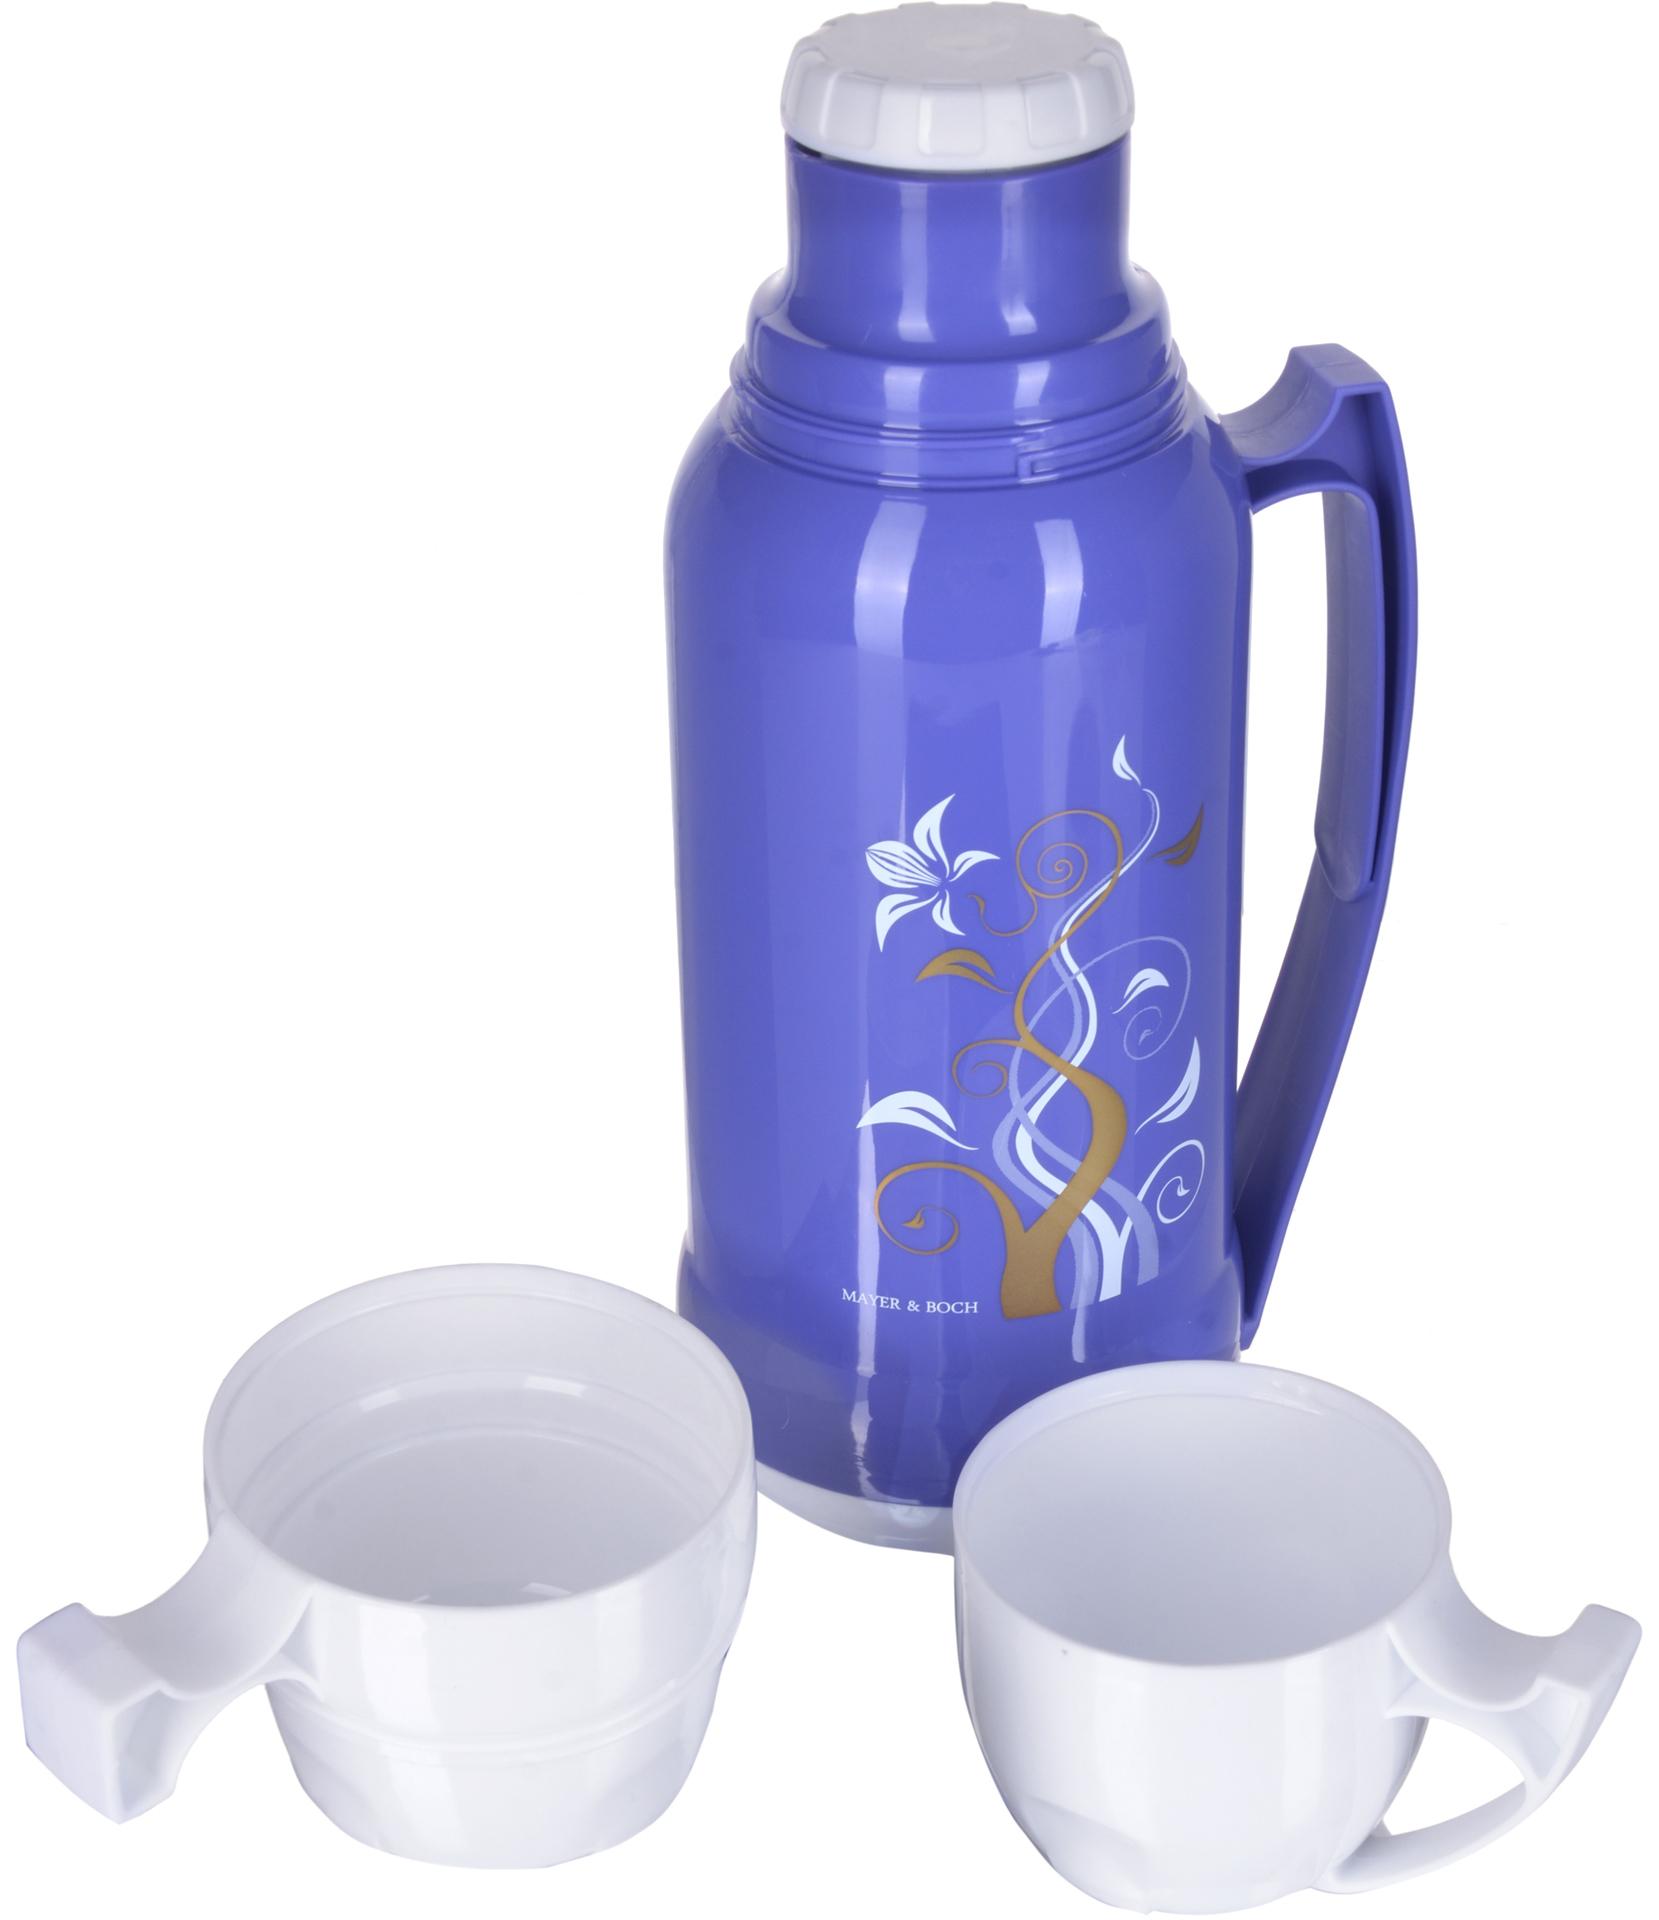 Термос Mayer & Boch, с 2 кружками, цвет: белый, фиолетовый, объем 1,8 л термос mayer